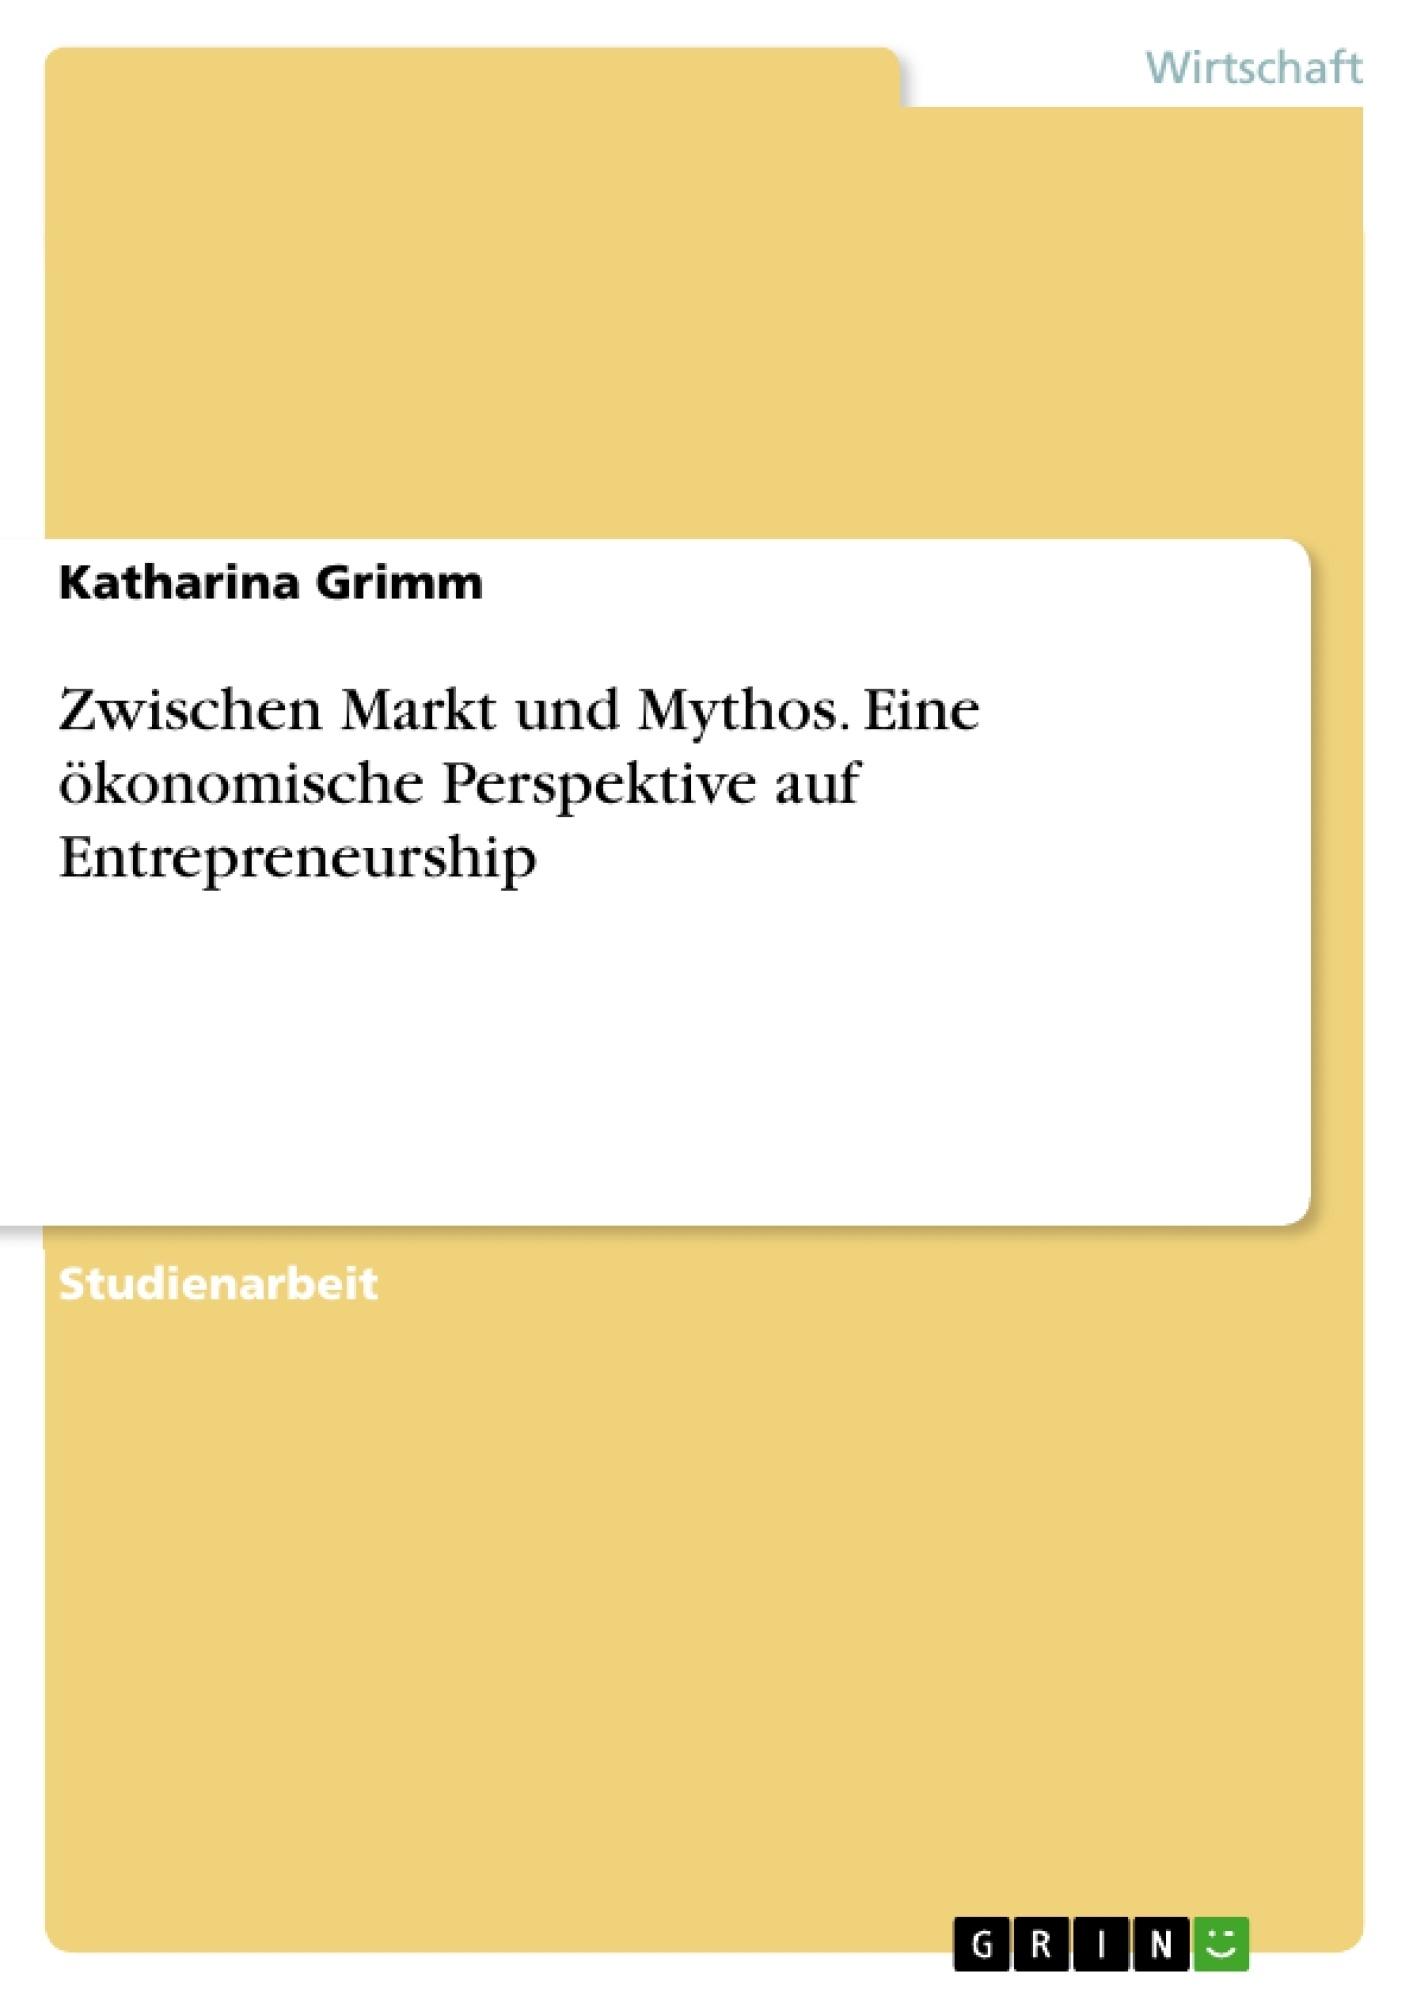 Titel: Zwischen Markt und Mythos. Eine ökonomische Perspektive auf Entrepreneurship